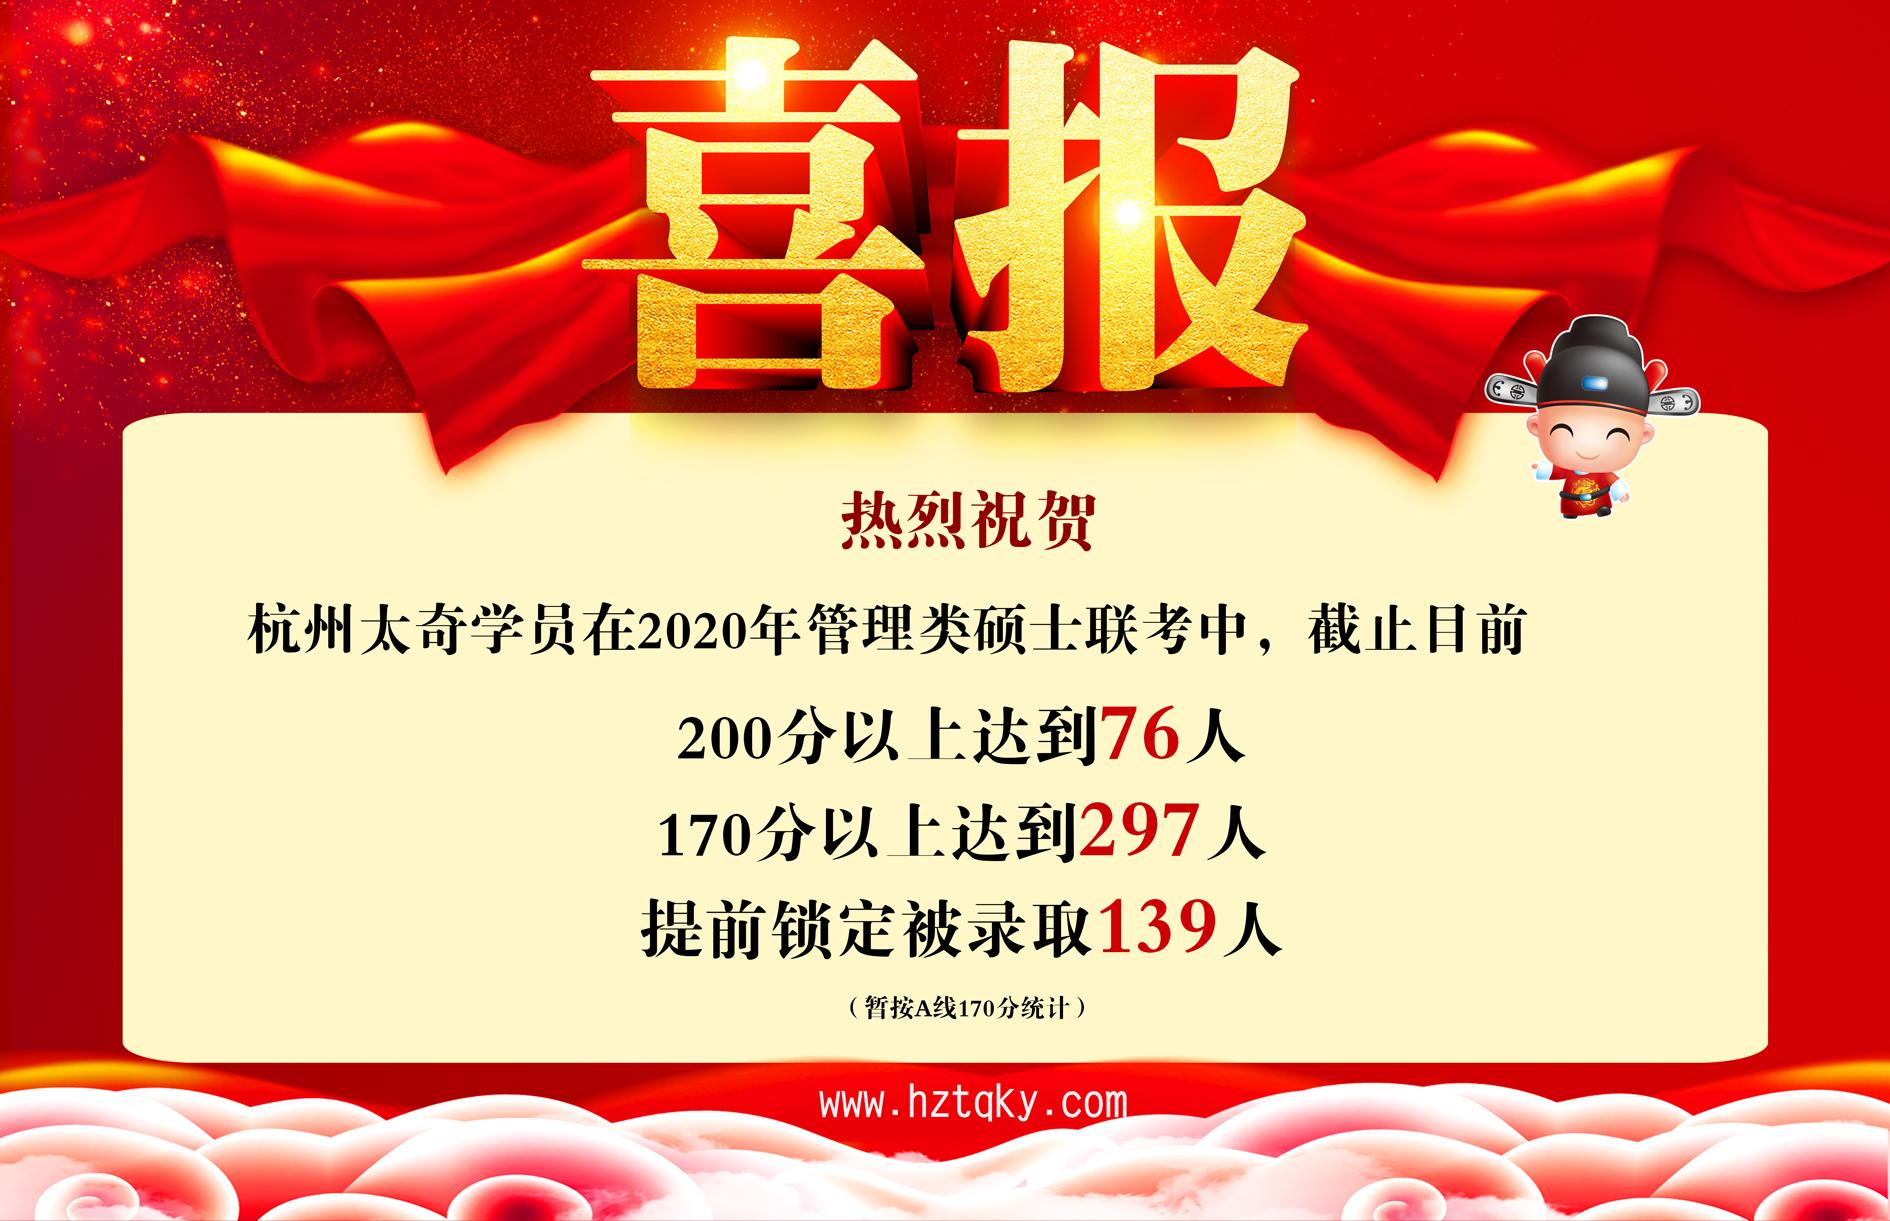 热烈祝贺杭州太奇学员在2020年联考中取得辉煌成绩!